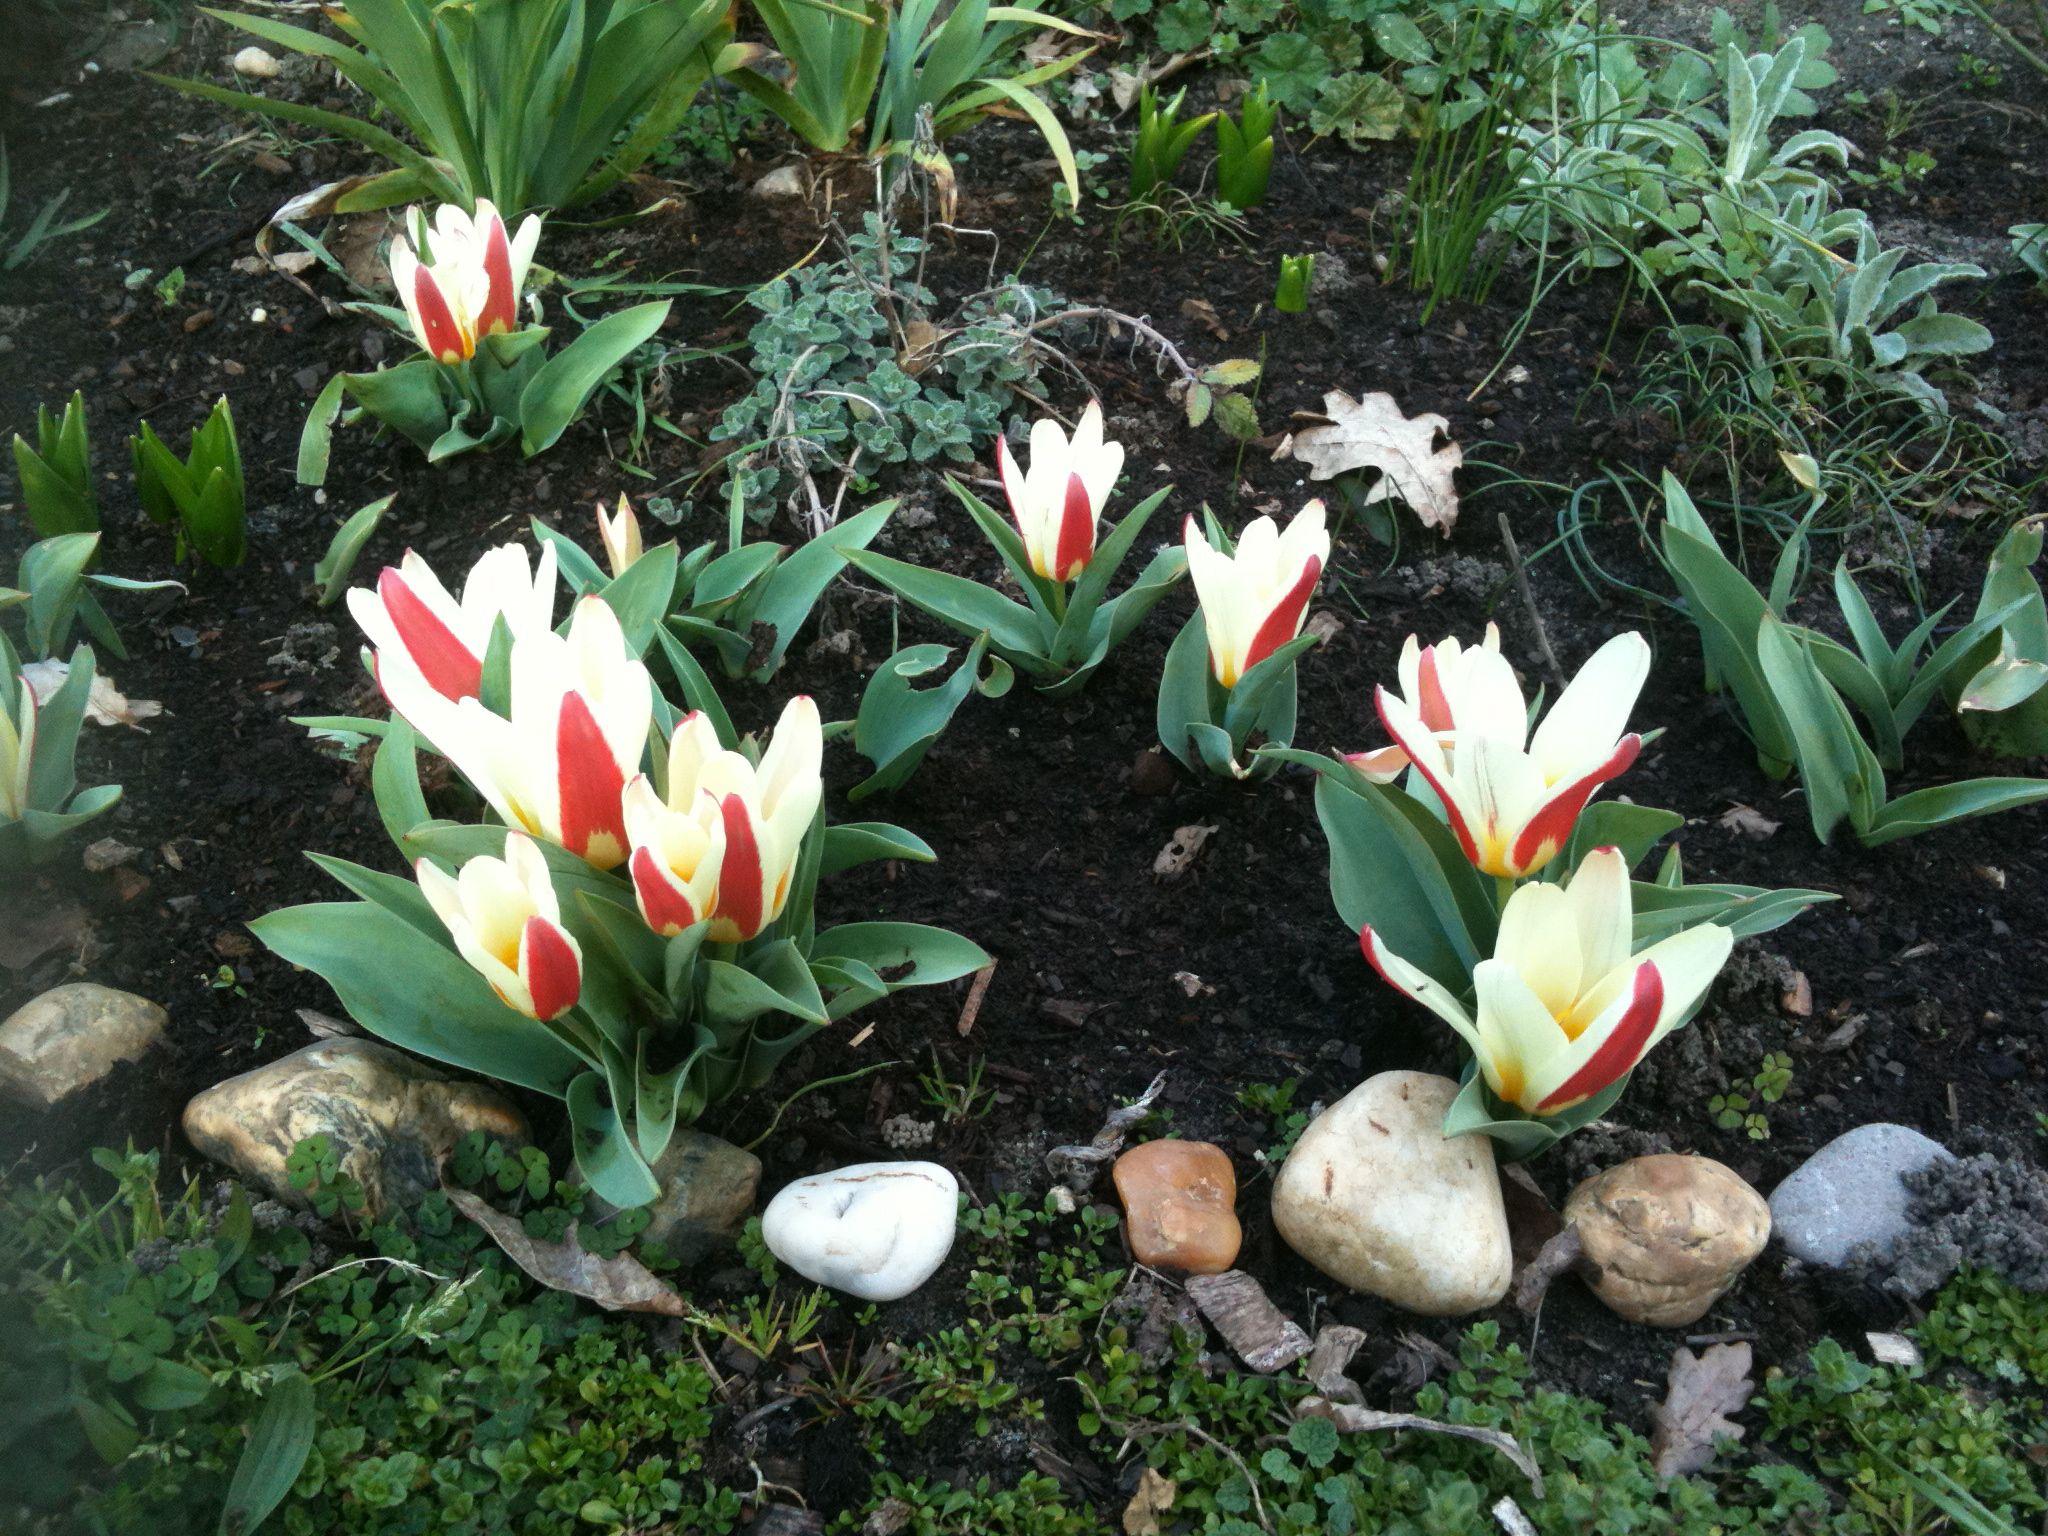 Tulipes botaniques The First Bulbes de printemps